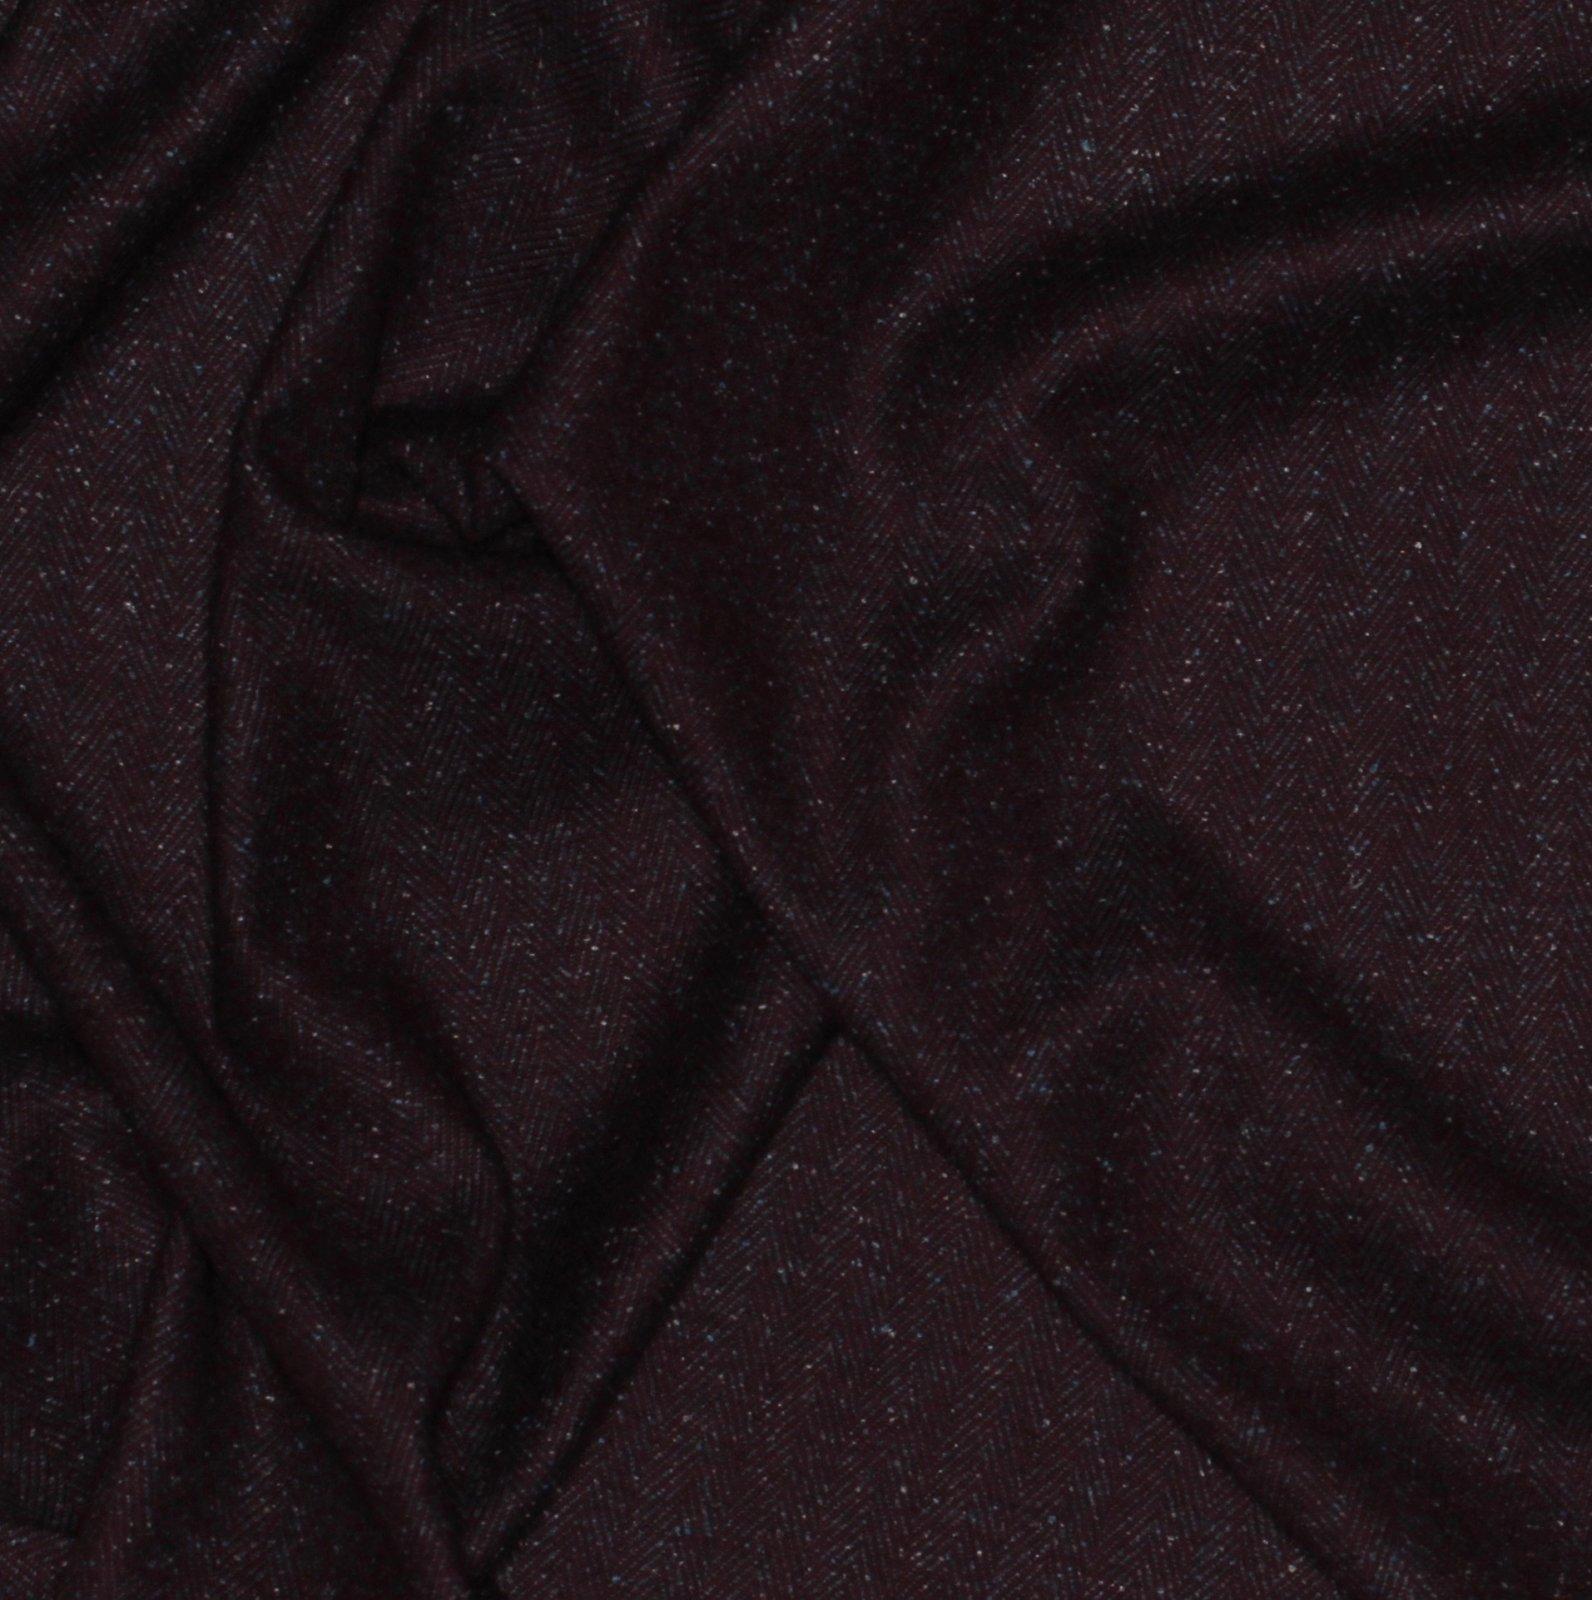 Plum/Denim Herringbone Italian Wool/Silk Tweed; 60